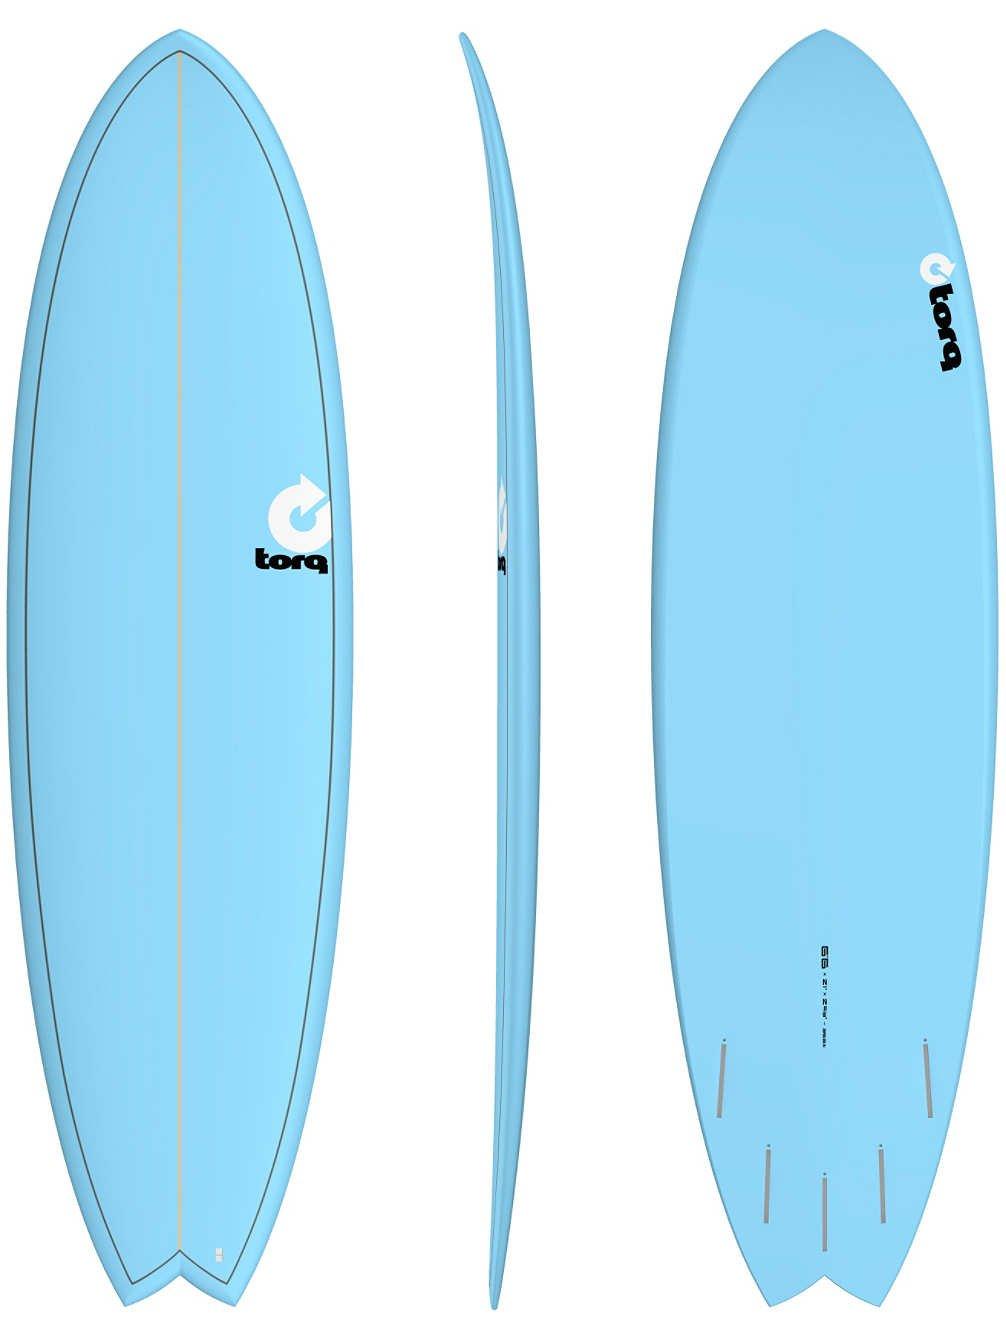 TORQ Tabla de Surf epoxy Tet 6.6 Fish Blue: Amazon.es: Deportes y aire libre